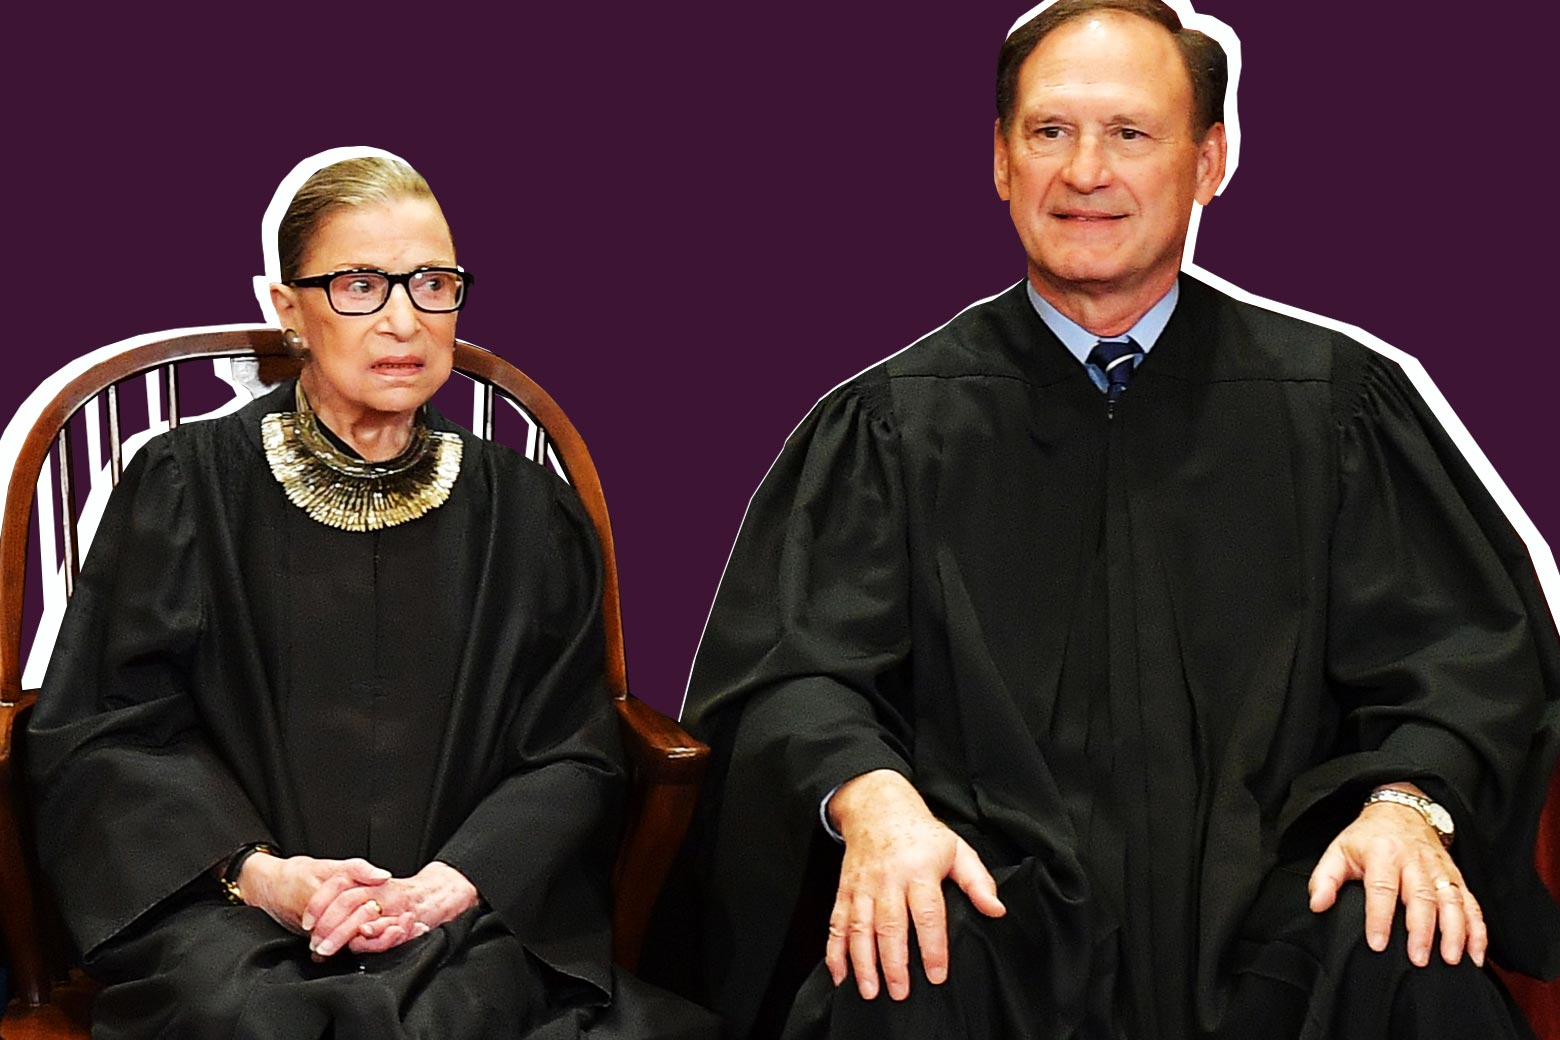 Ruth Bader Ginsburg and Samuel Alito.